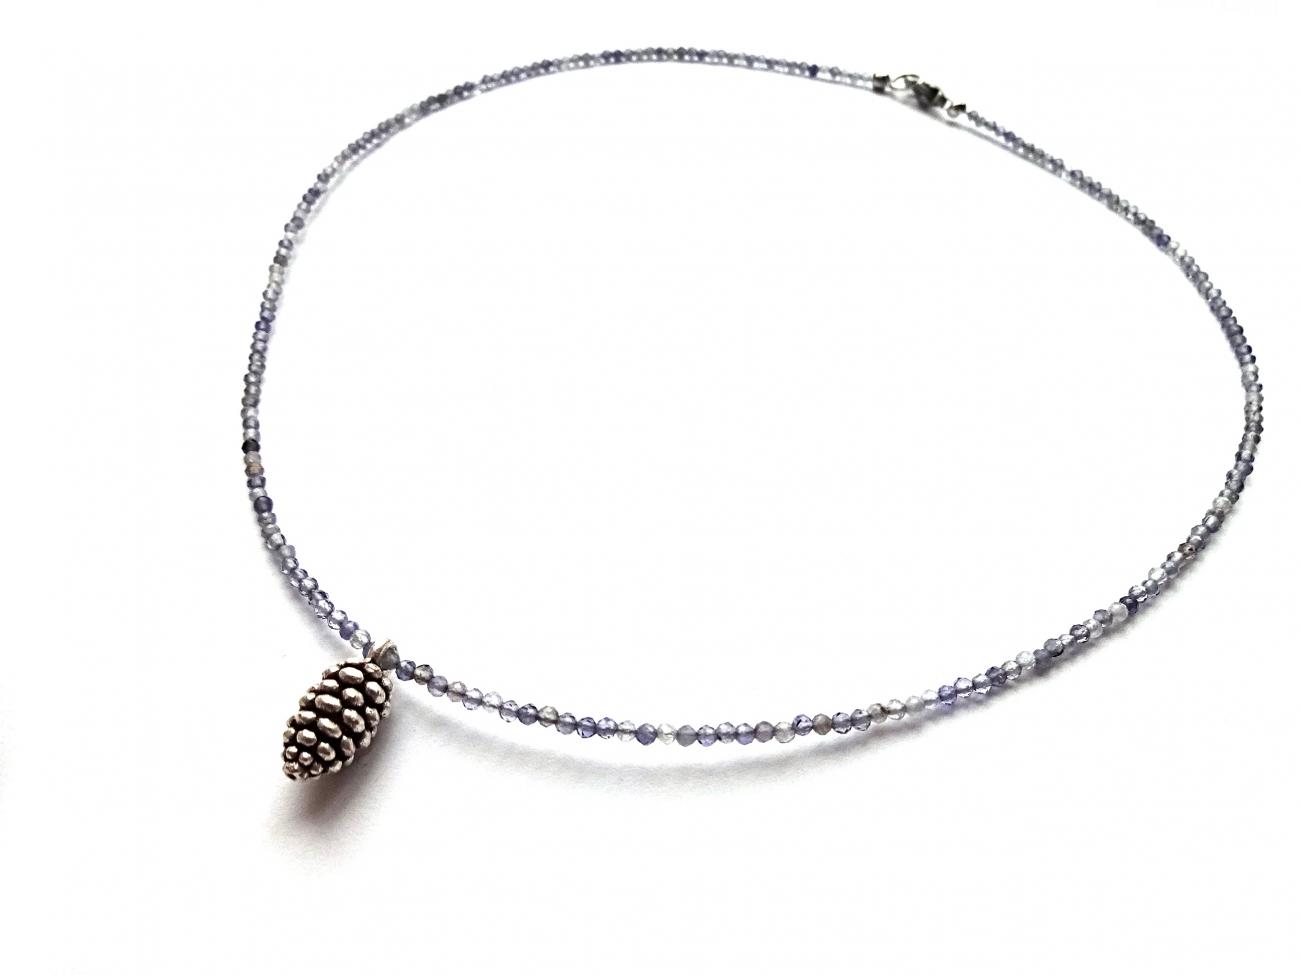 Smulkaus briaunuoto iolito vėrinukas su sidabru dengtu žalvario konkorėžiu